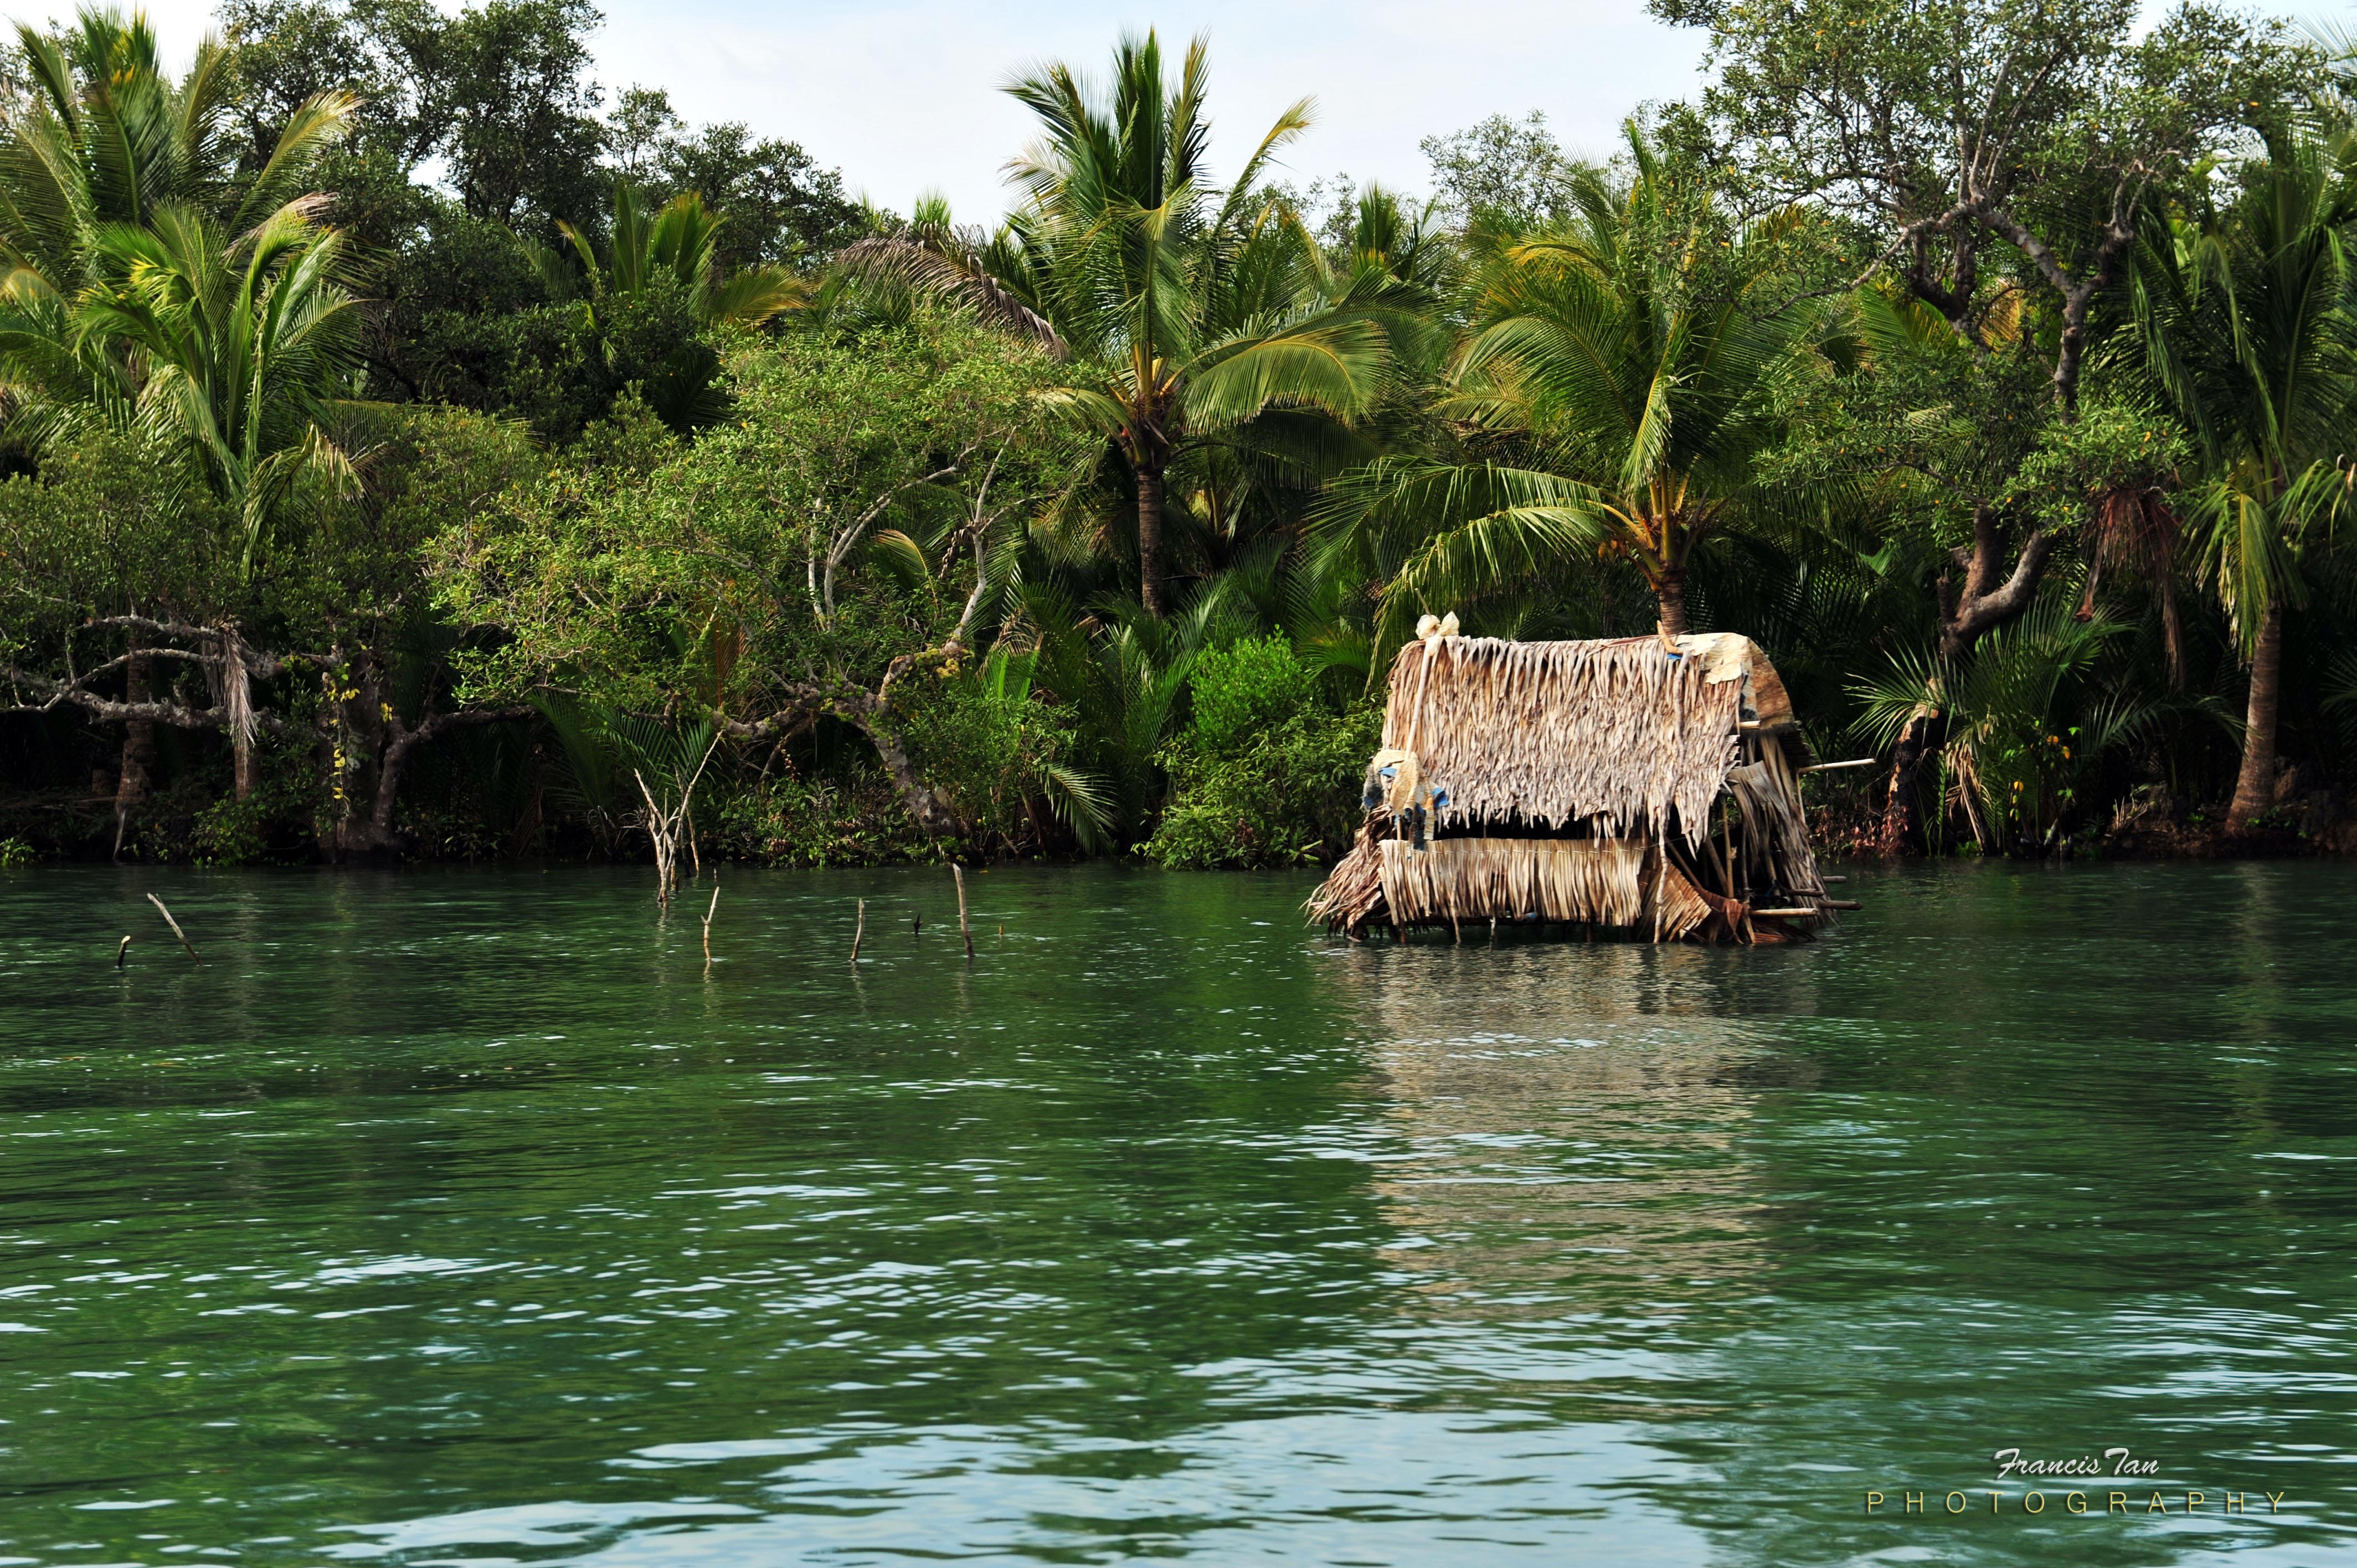 デスクトップ壁紙 : 風景, 湾, 湖, 反射, 空, 家, 観光, 海岸, 川